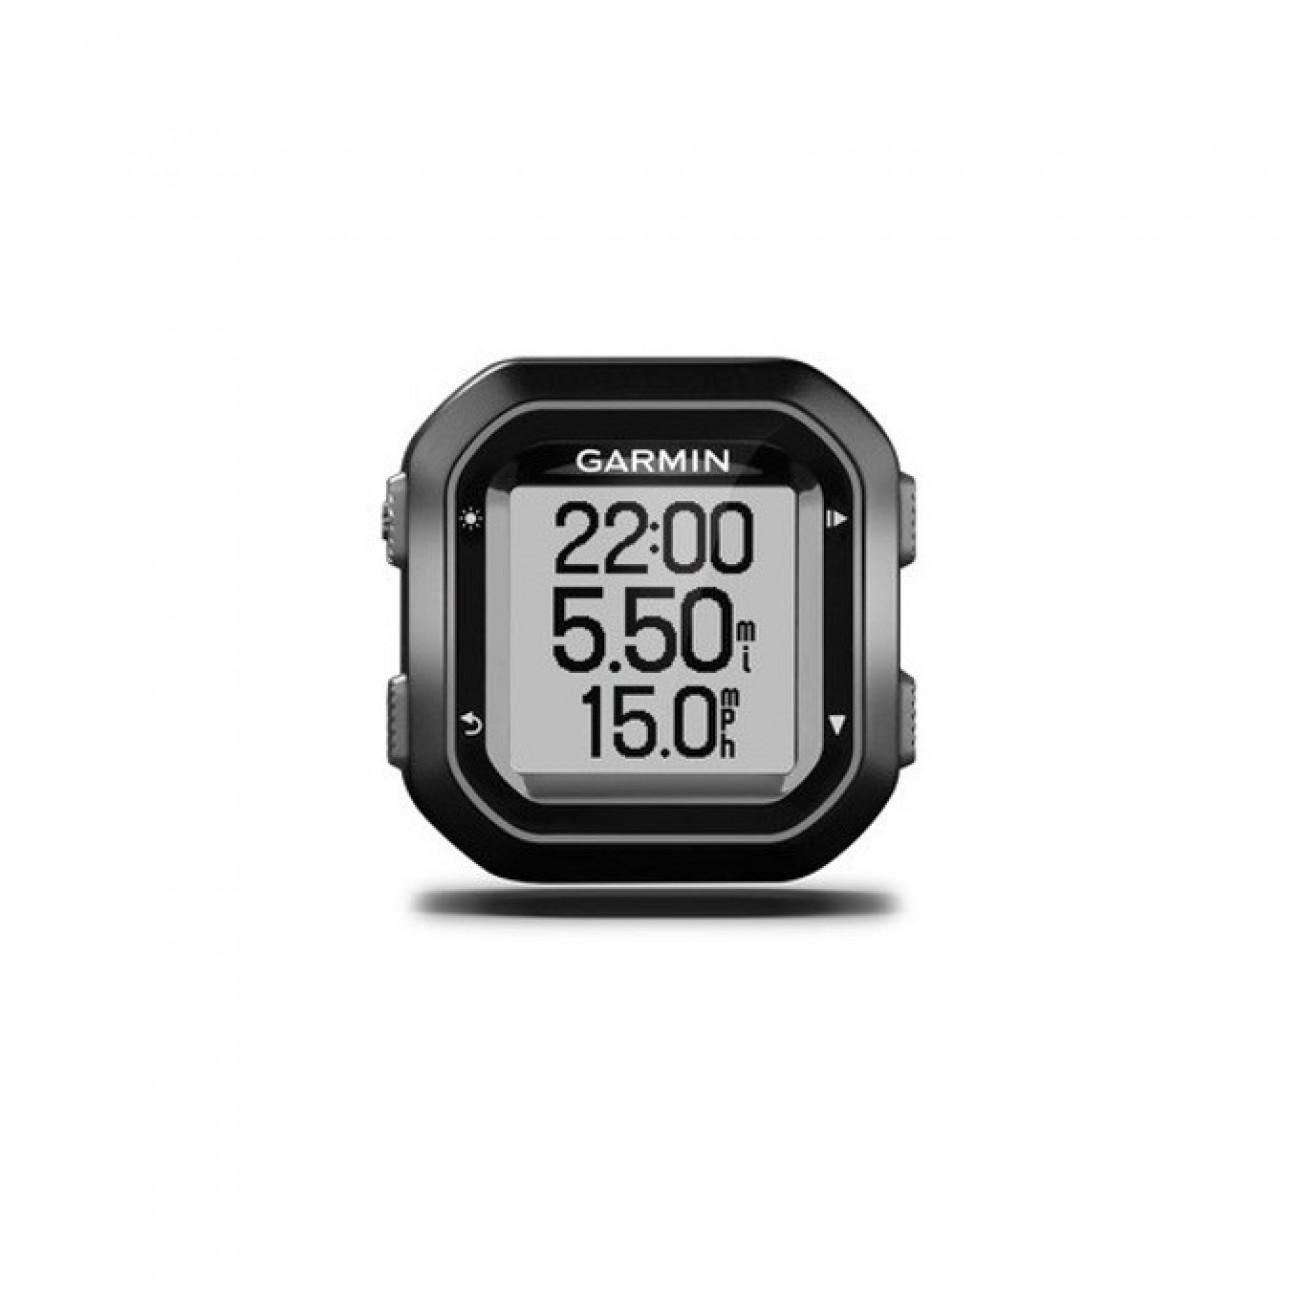 Garmin Edge 20, навигация за велосипеди, 128x160 pix. дисплей, GPS, до 8 часа време за работа, IPX7 водозащита, без вградени карти в GPS Навигатори -  | Alleop